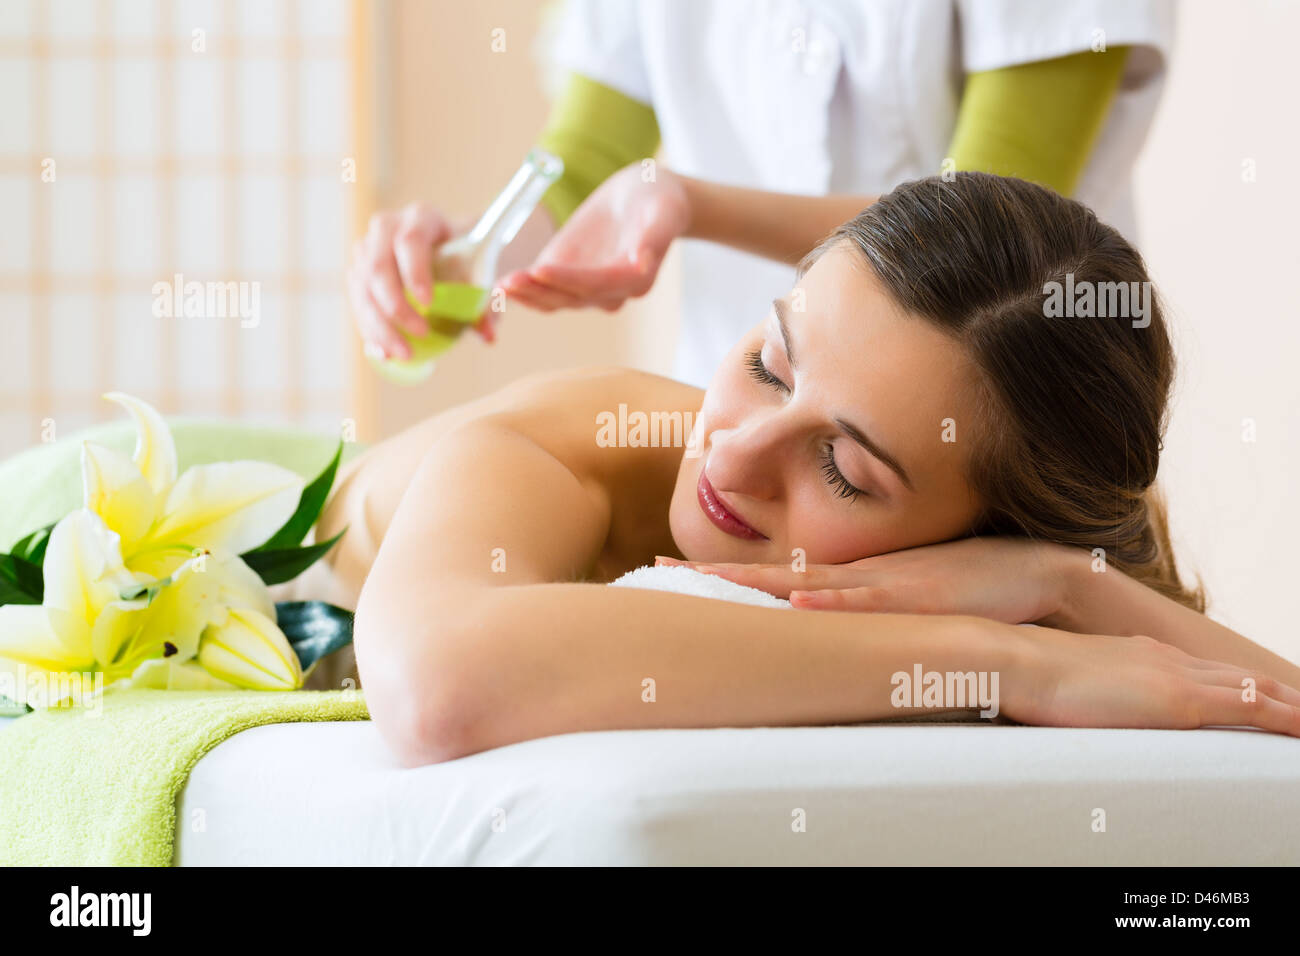 Schöne Frau, die einen Wellness Massage und sichtlich ein gutes Gefühl über es zurück Stockbild